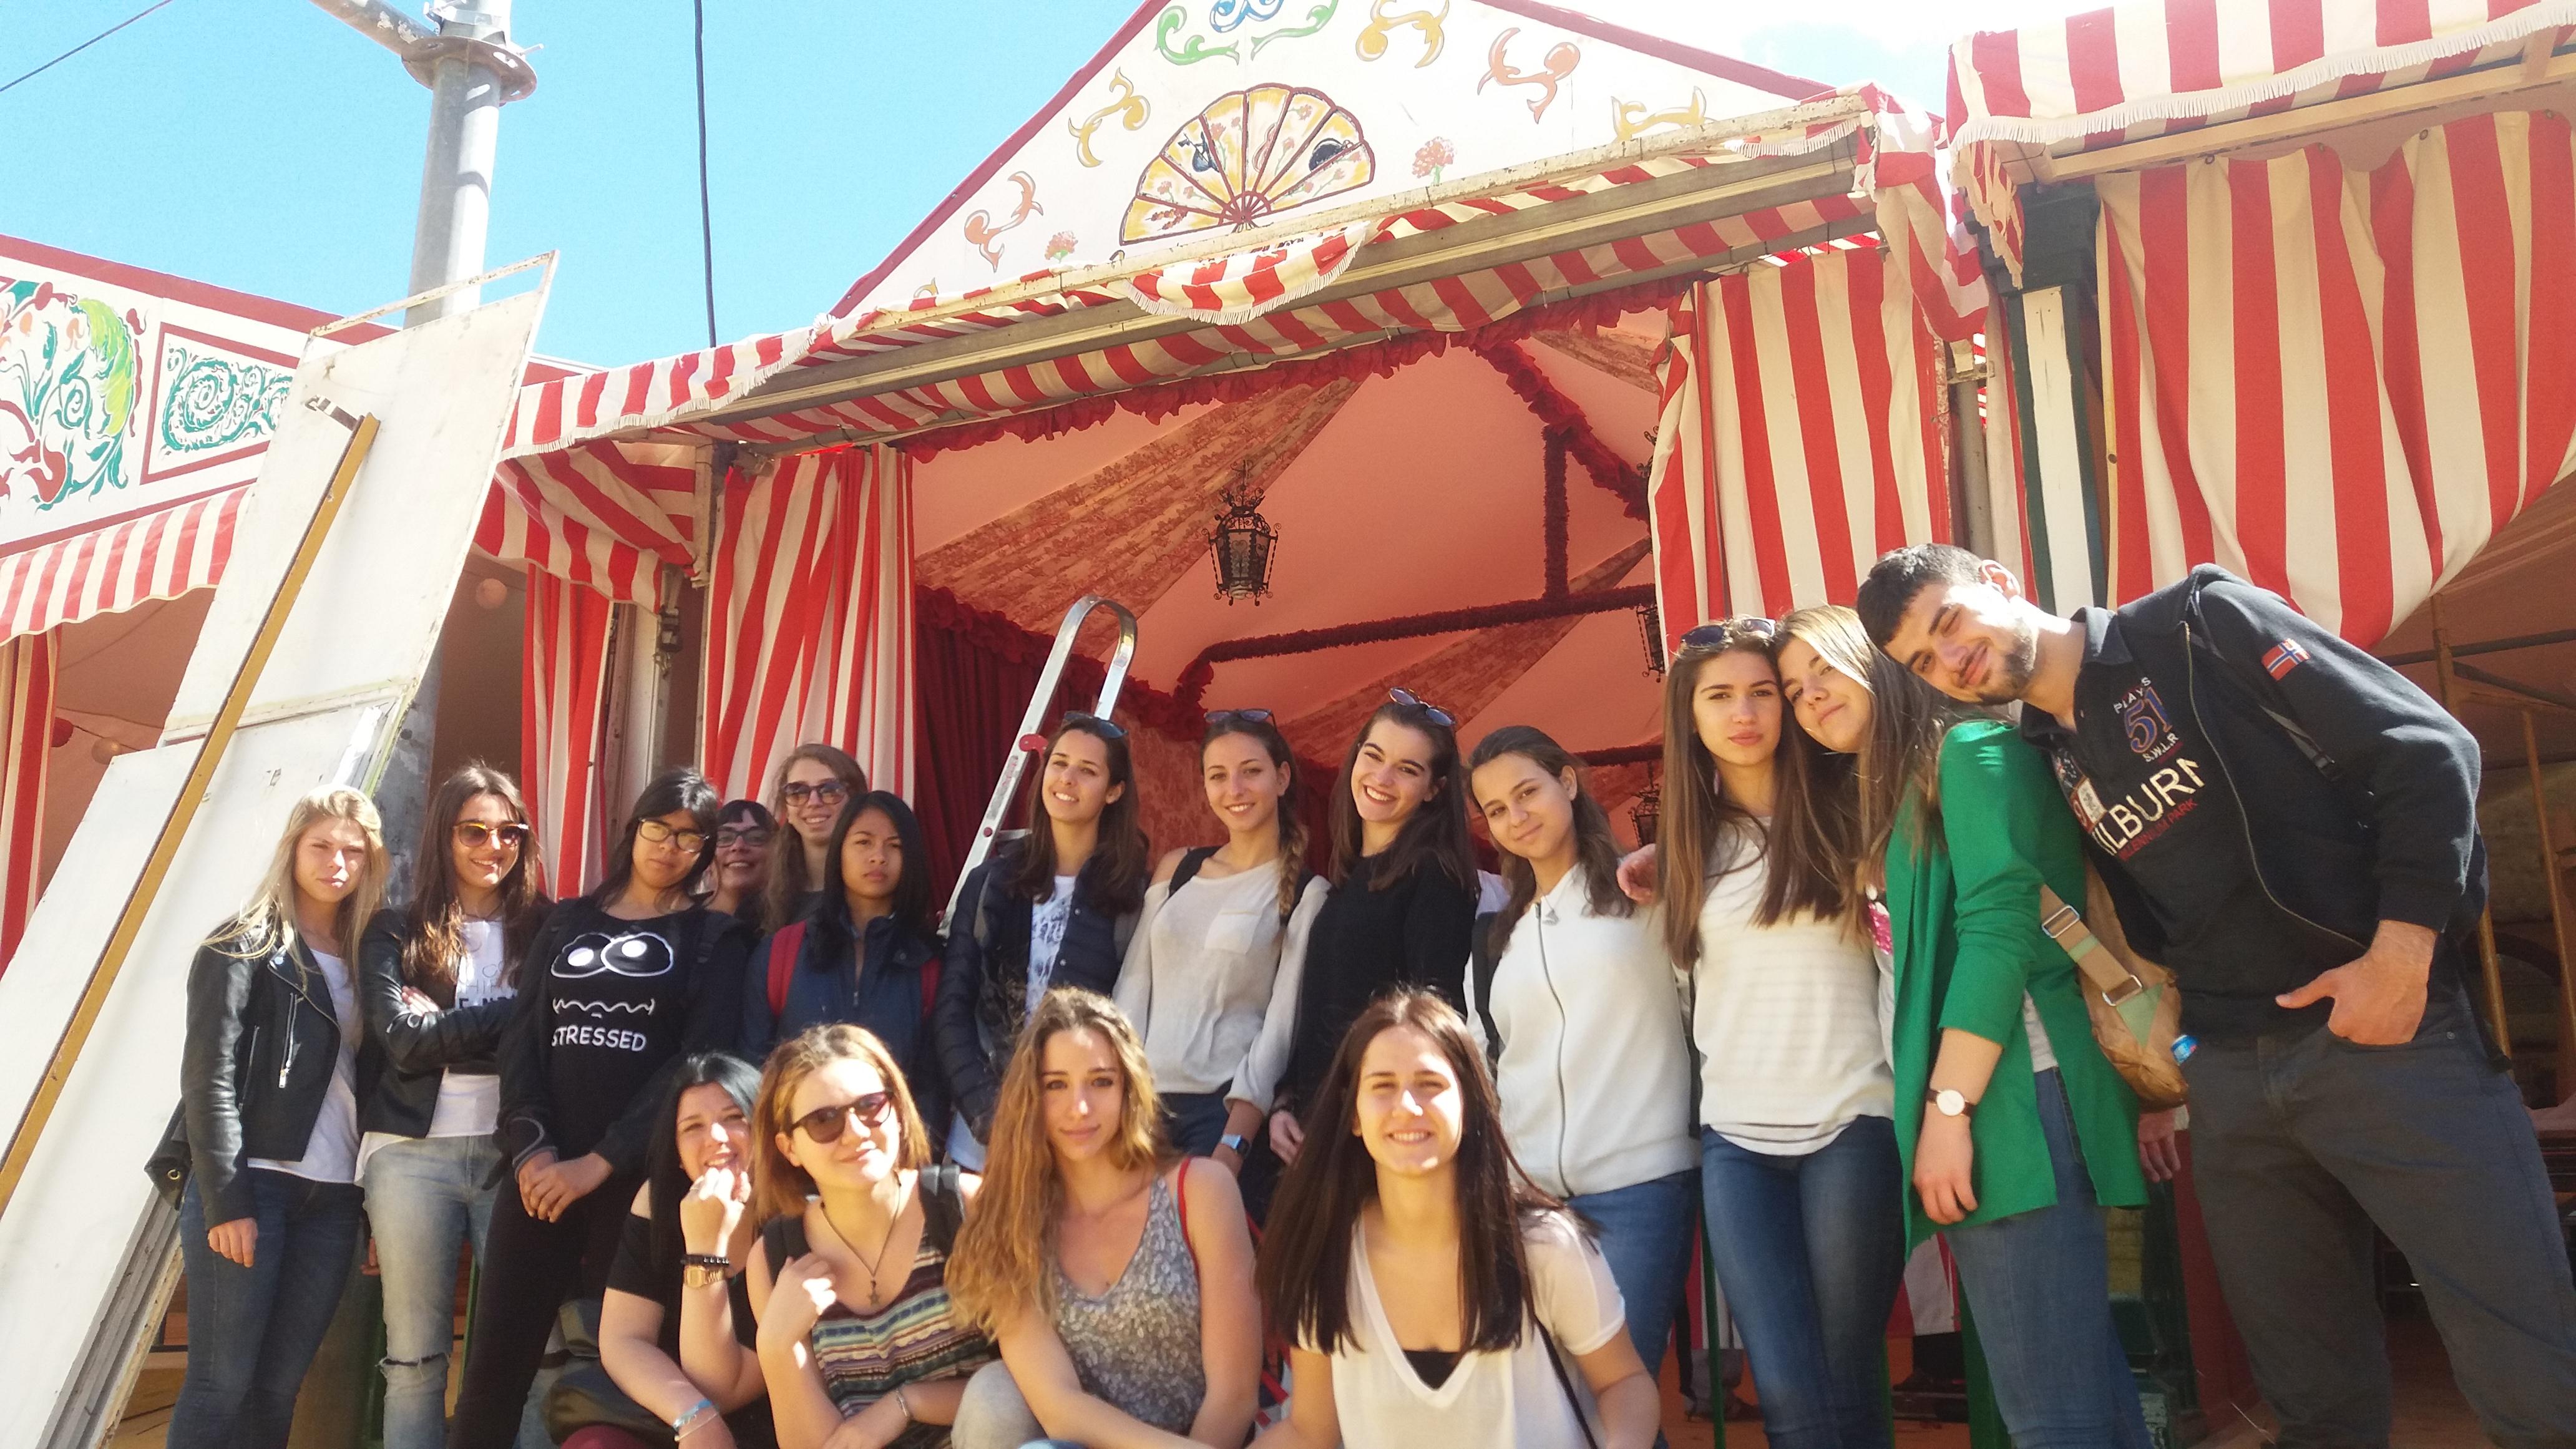 Visita a la feria de Abril de Sevilla